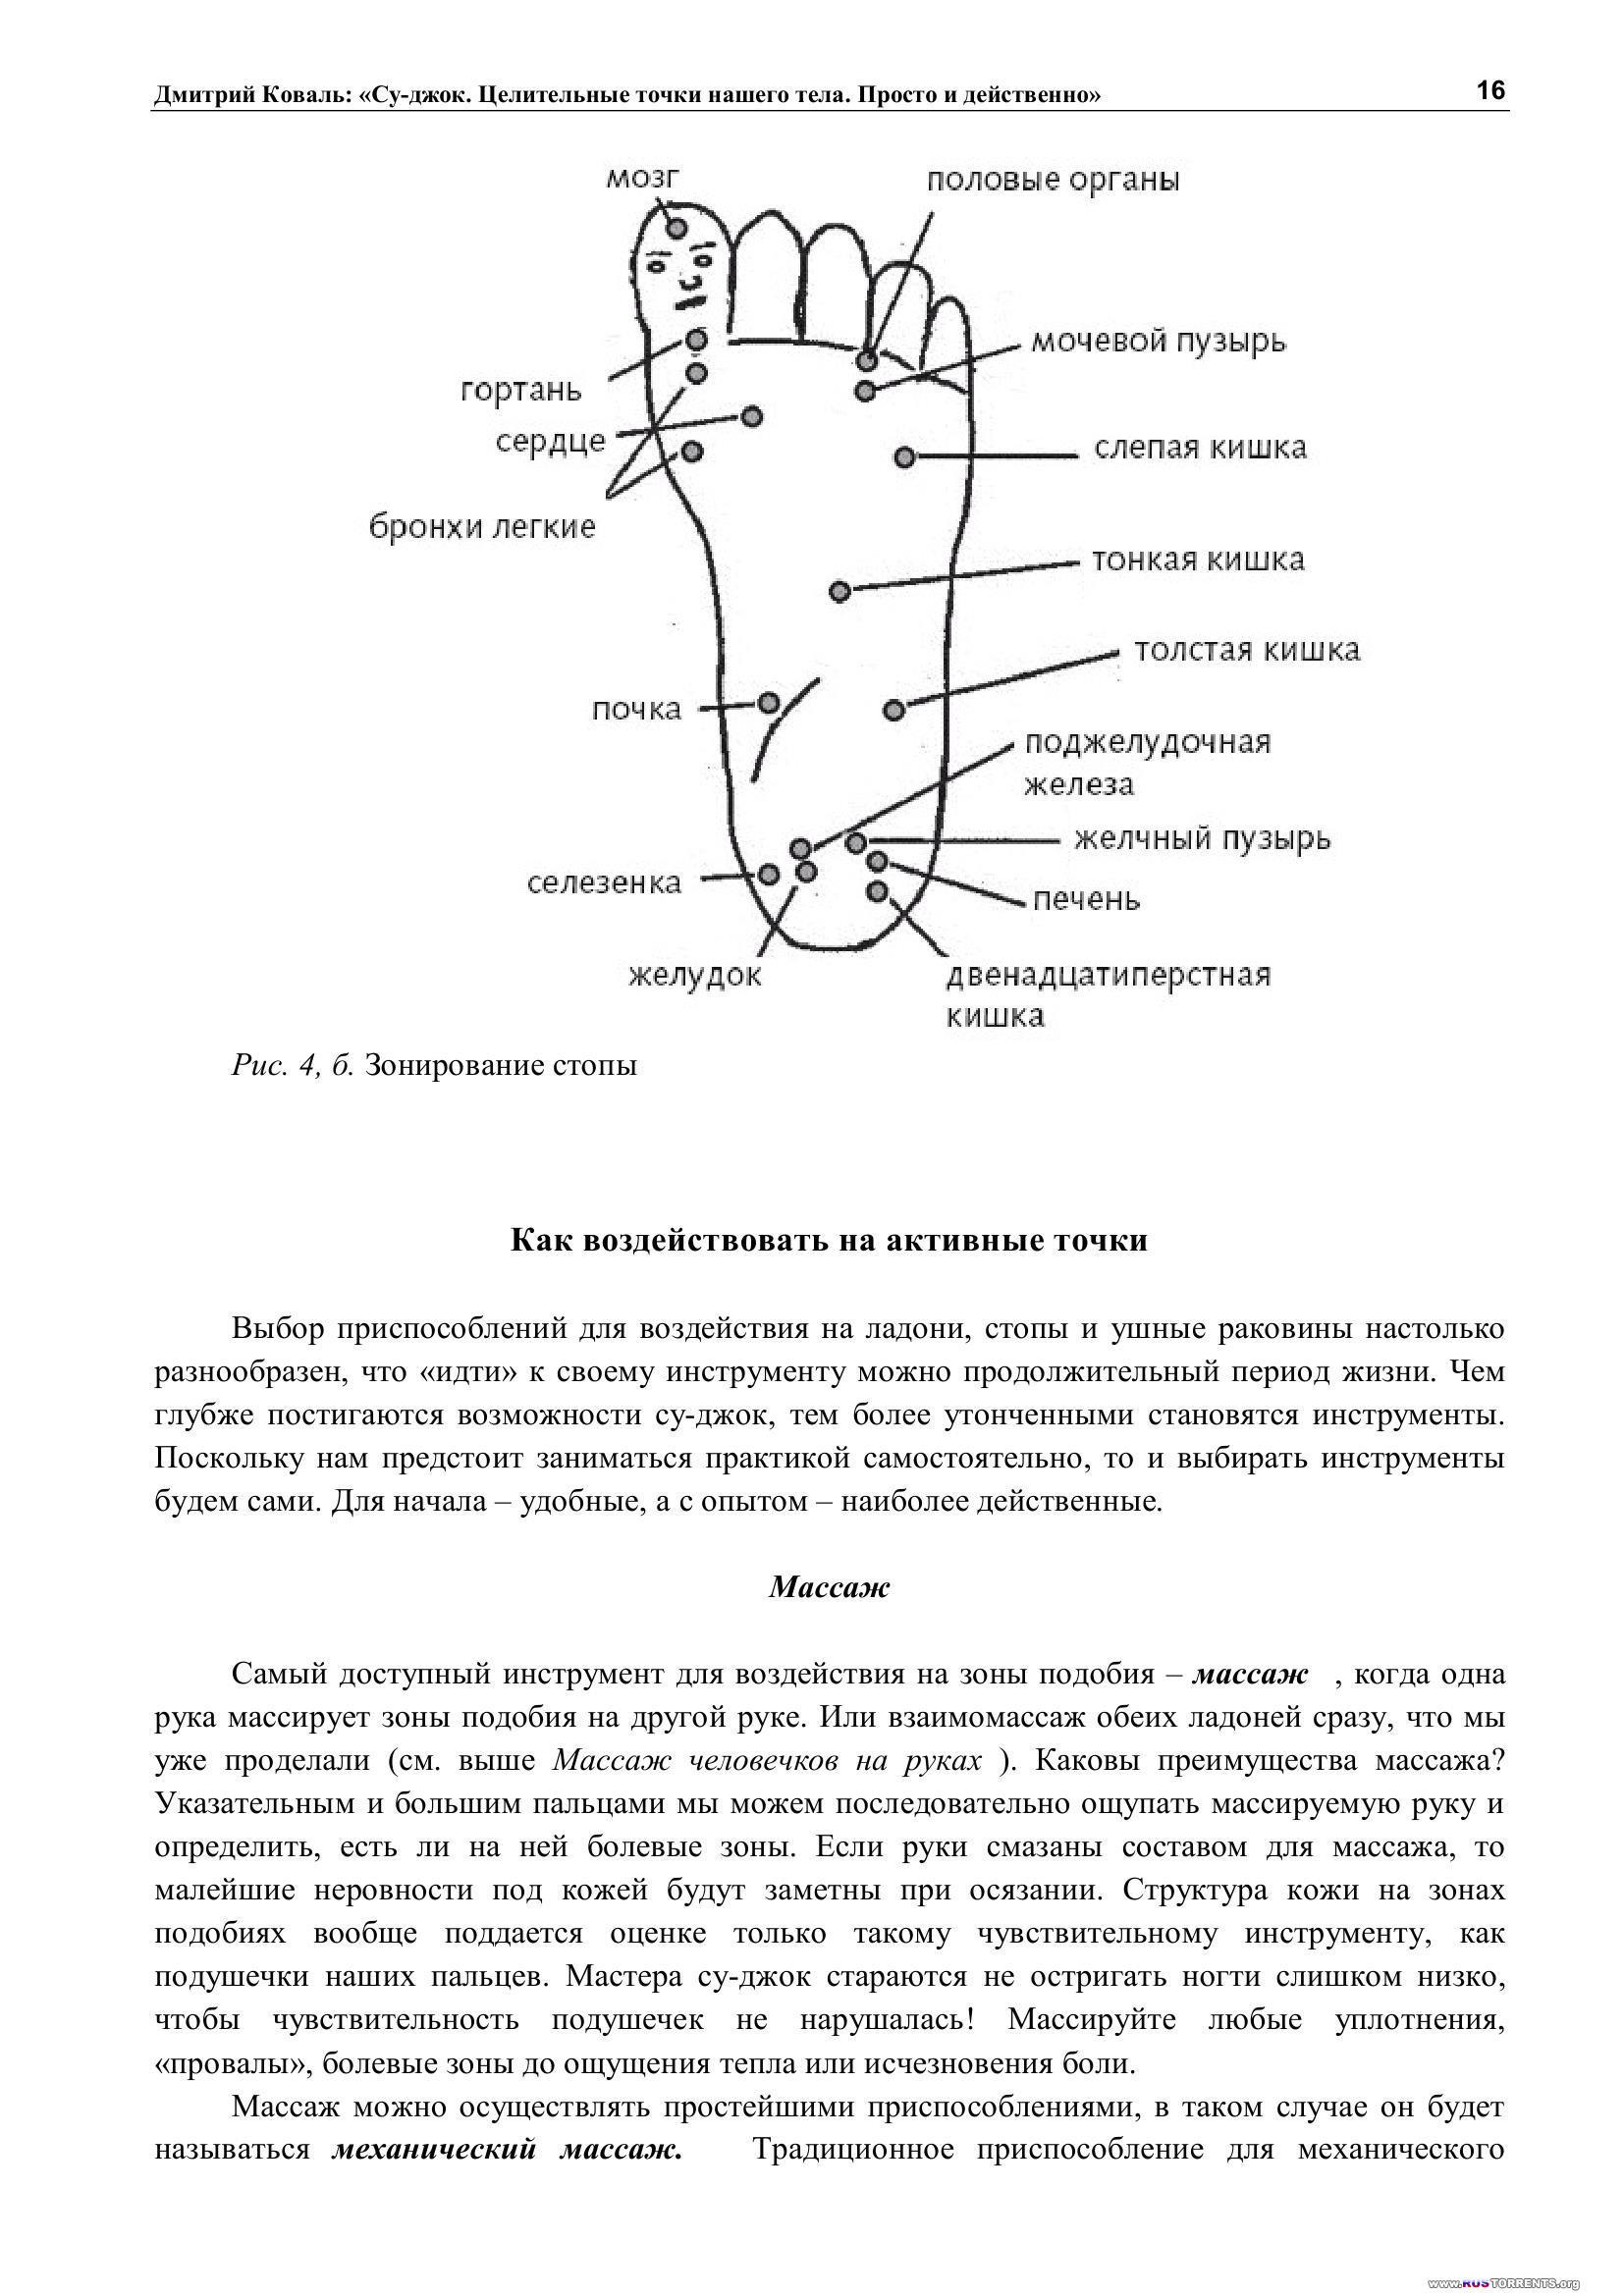 Су-джок. Целительные точки нашего тела. Просто и действенно | PDF